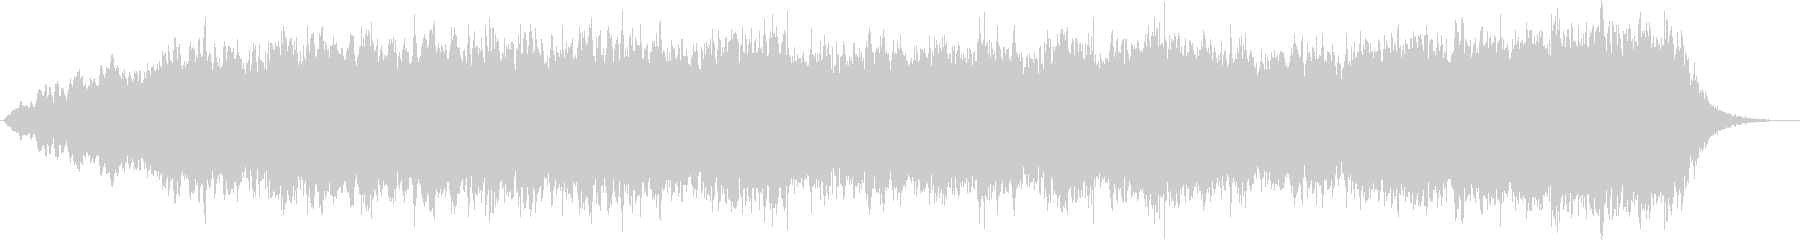 フルートのパッドにキラキラシンセのコラボの未再生の波形